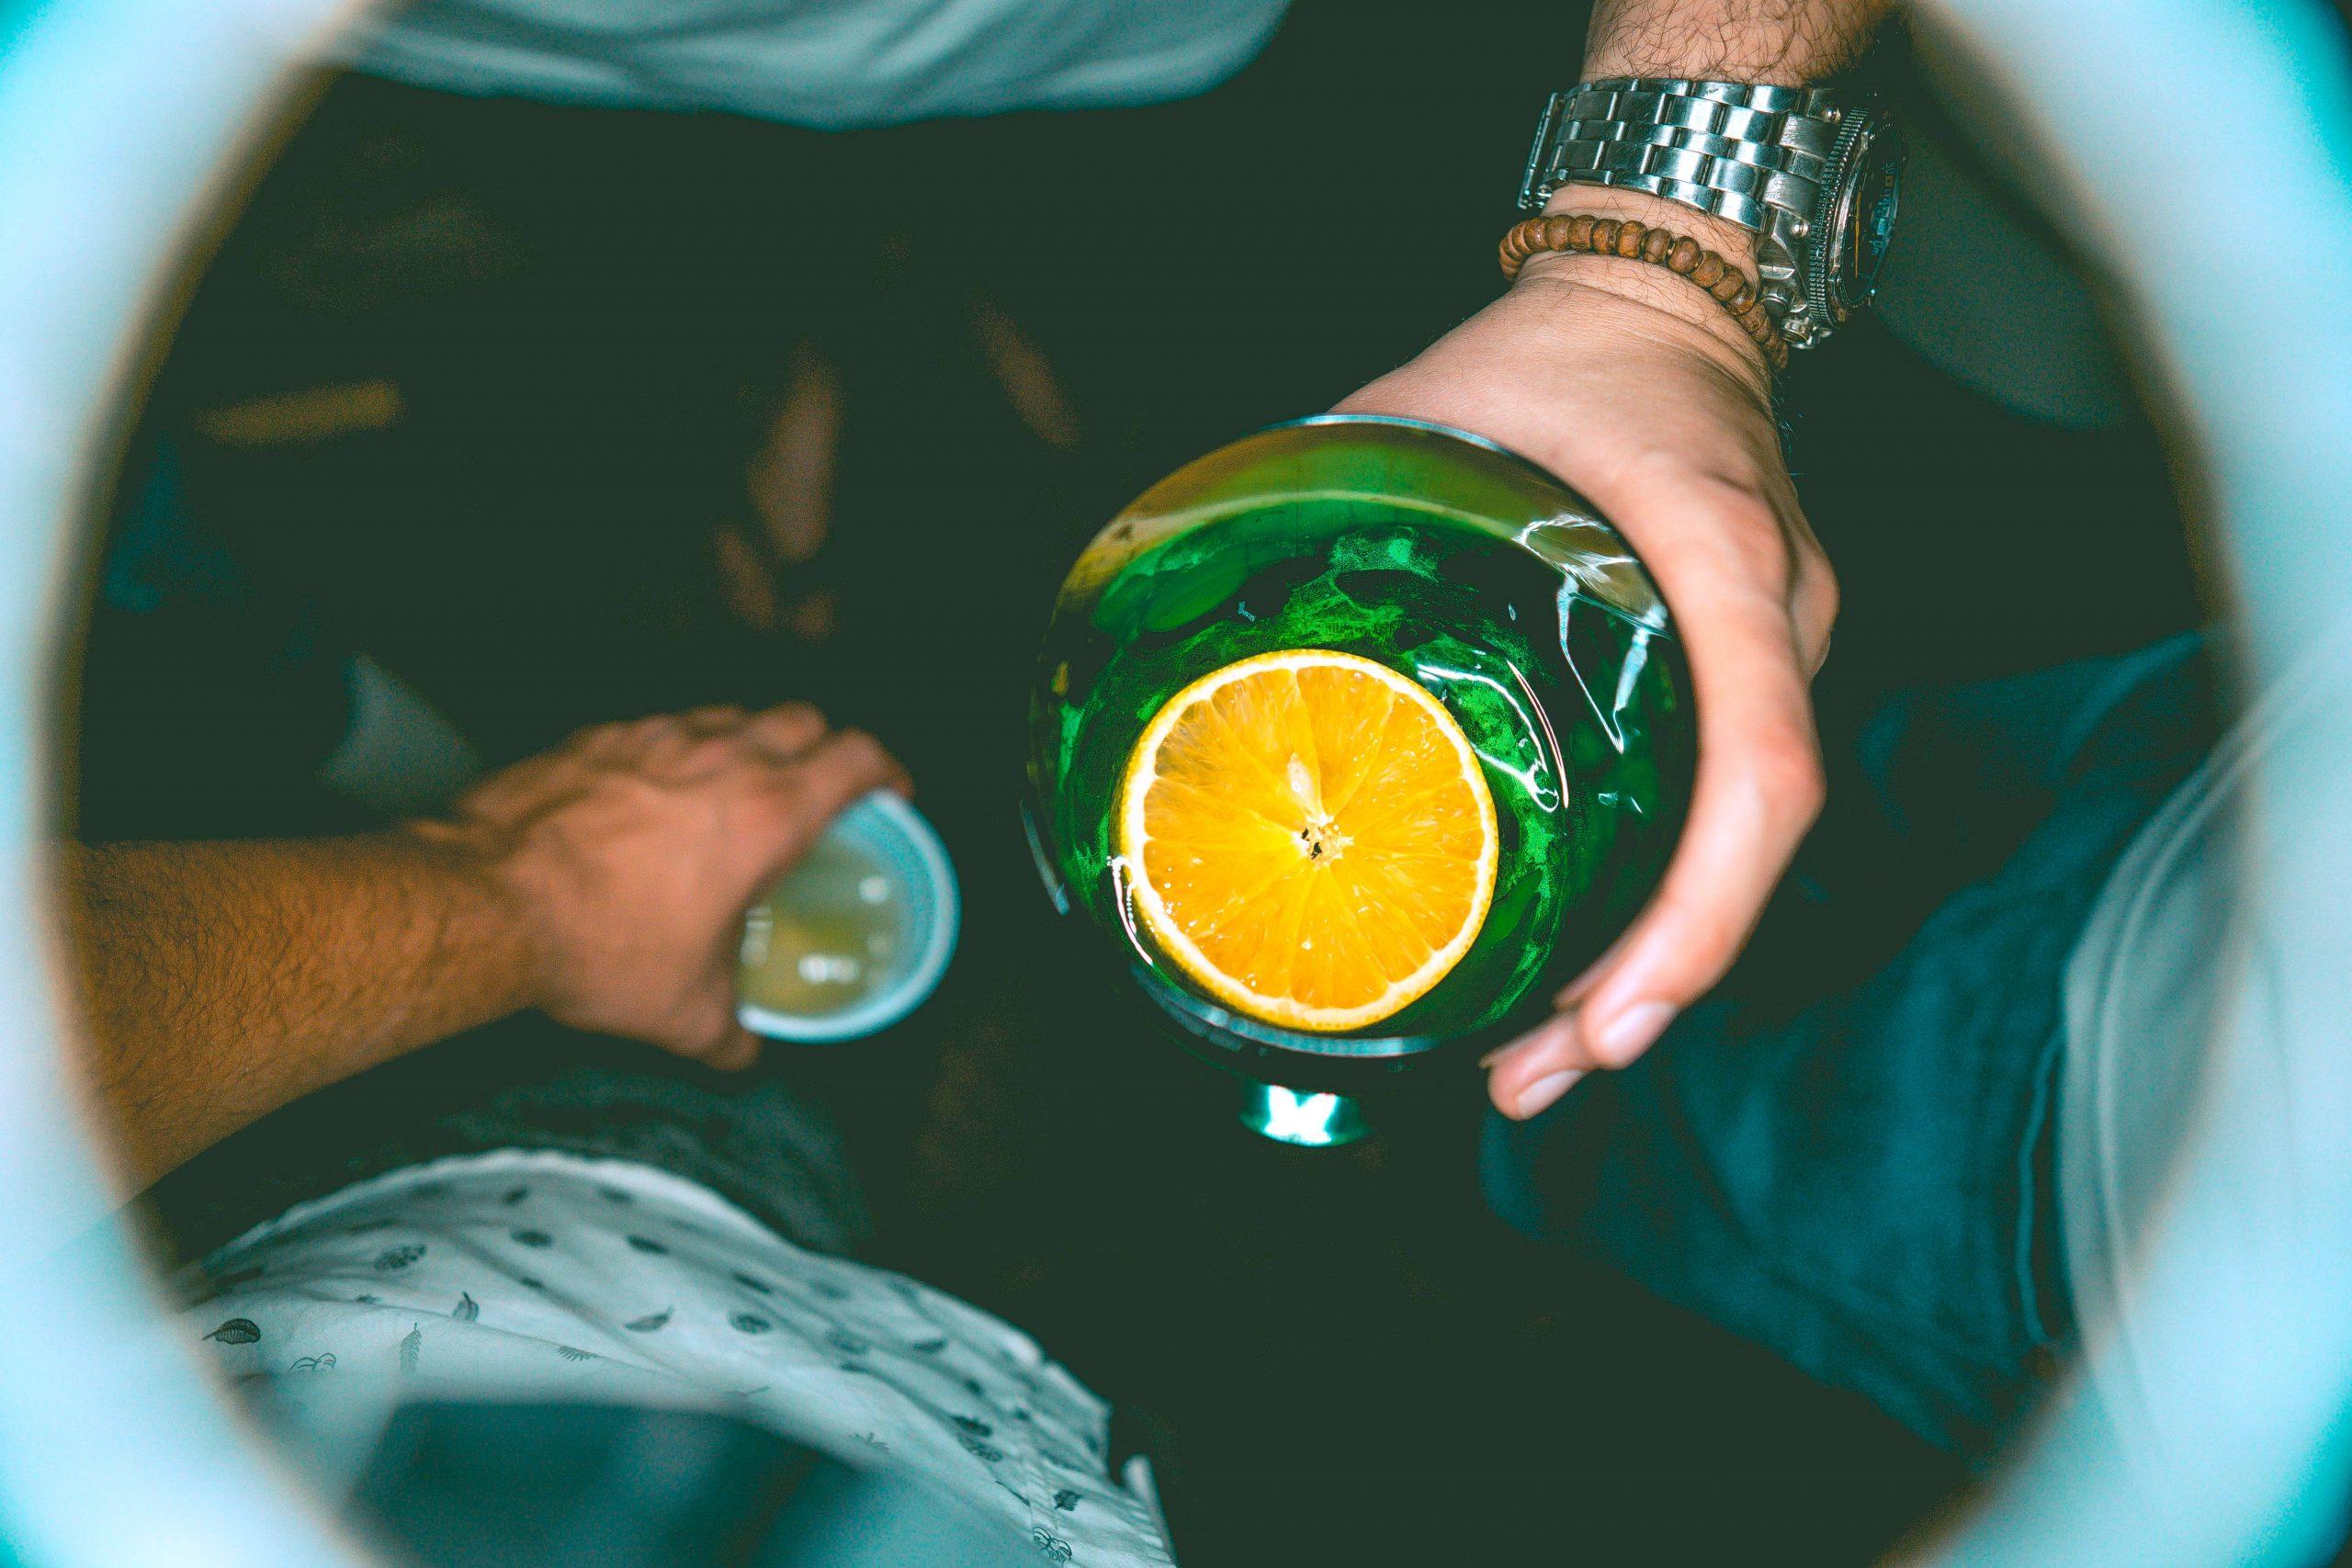 Boisson alcoolisée : Le hard seltzer continue son ascension